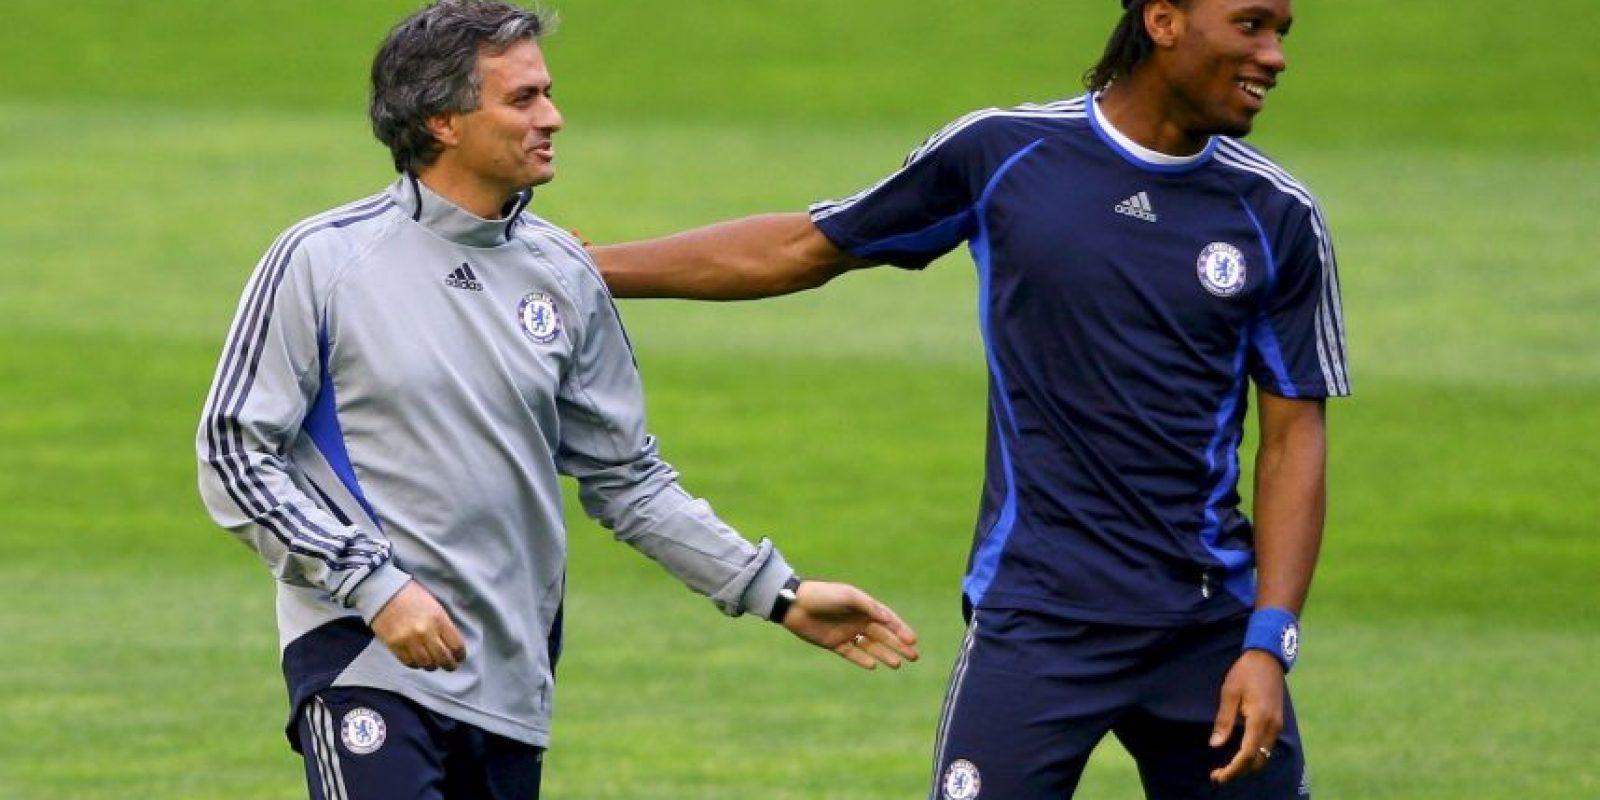 En la campaña 2004-2005 llegó a Chelsea, donde se convirtió en entrenador de primer nivel. Foto:Getty Images